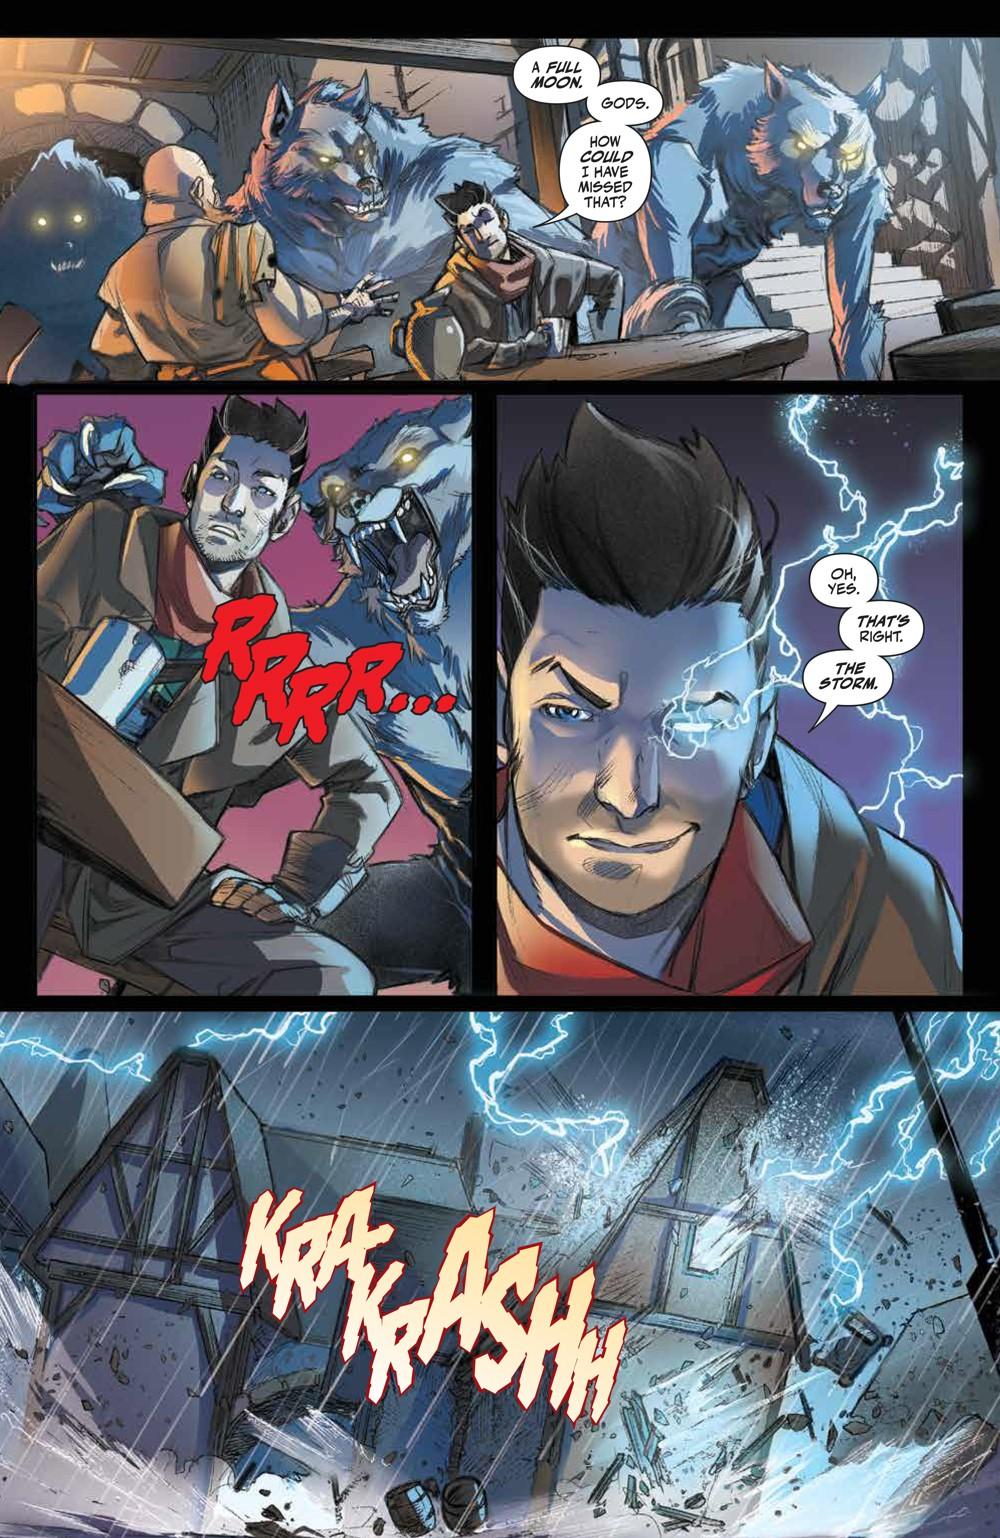 Magic_005_PRESS_7 ComicList Previews: MAGIC #5